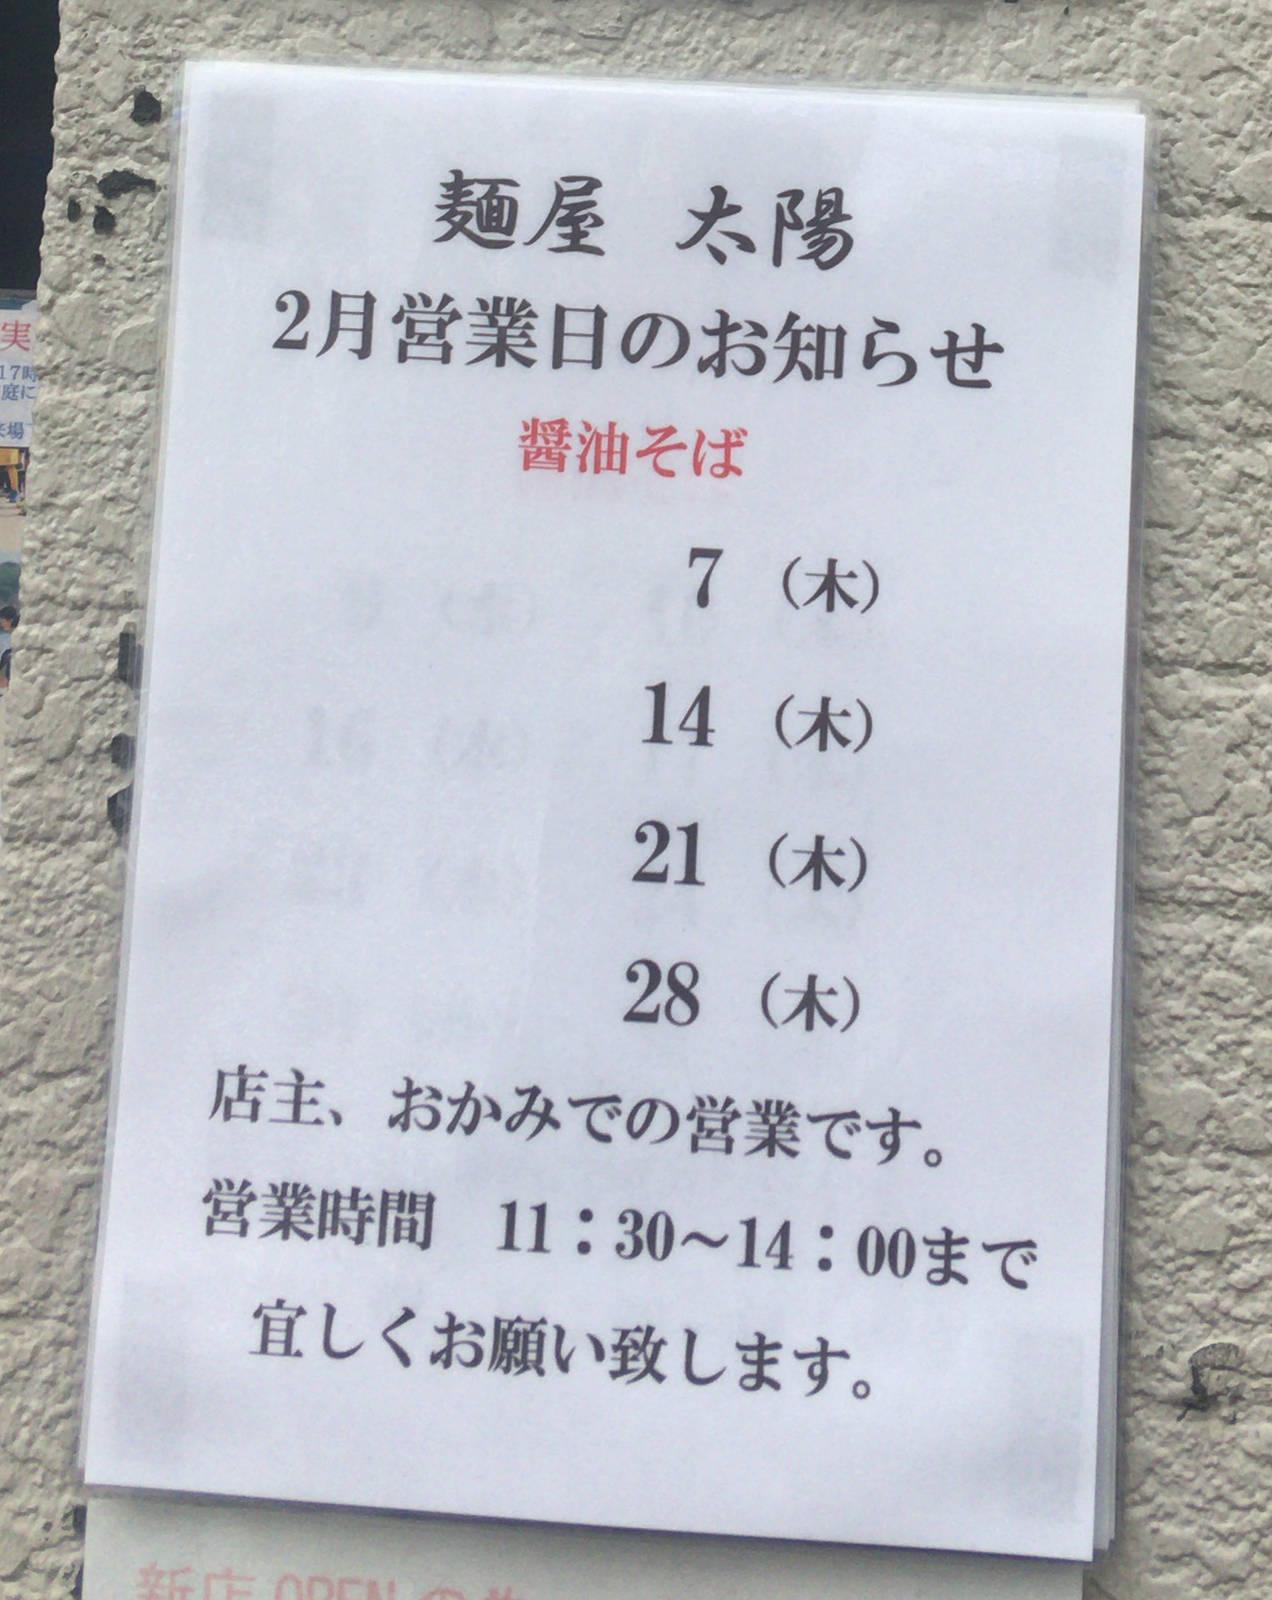 2019年2月の営業日と時間麺屋太陽(曳舟駅・京成曳舟駅近くのラーメン屋)